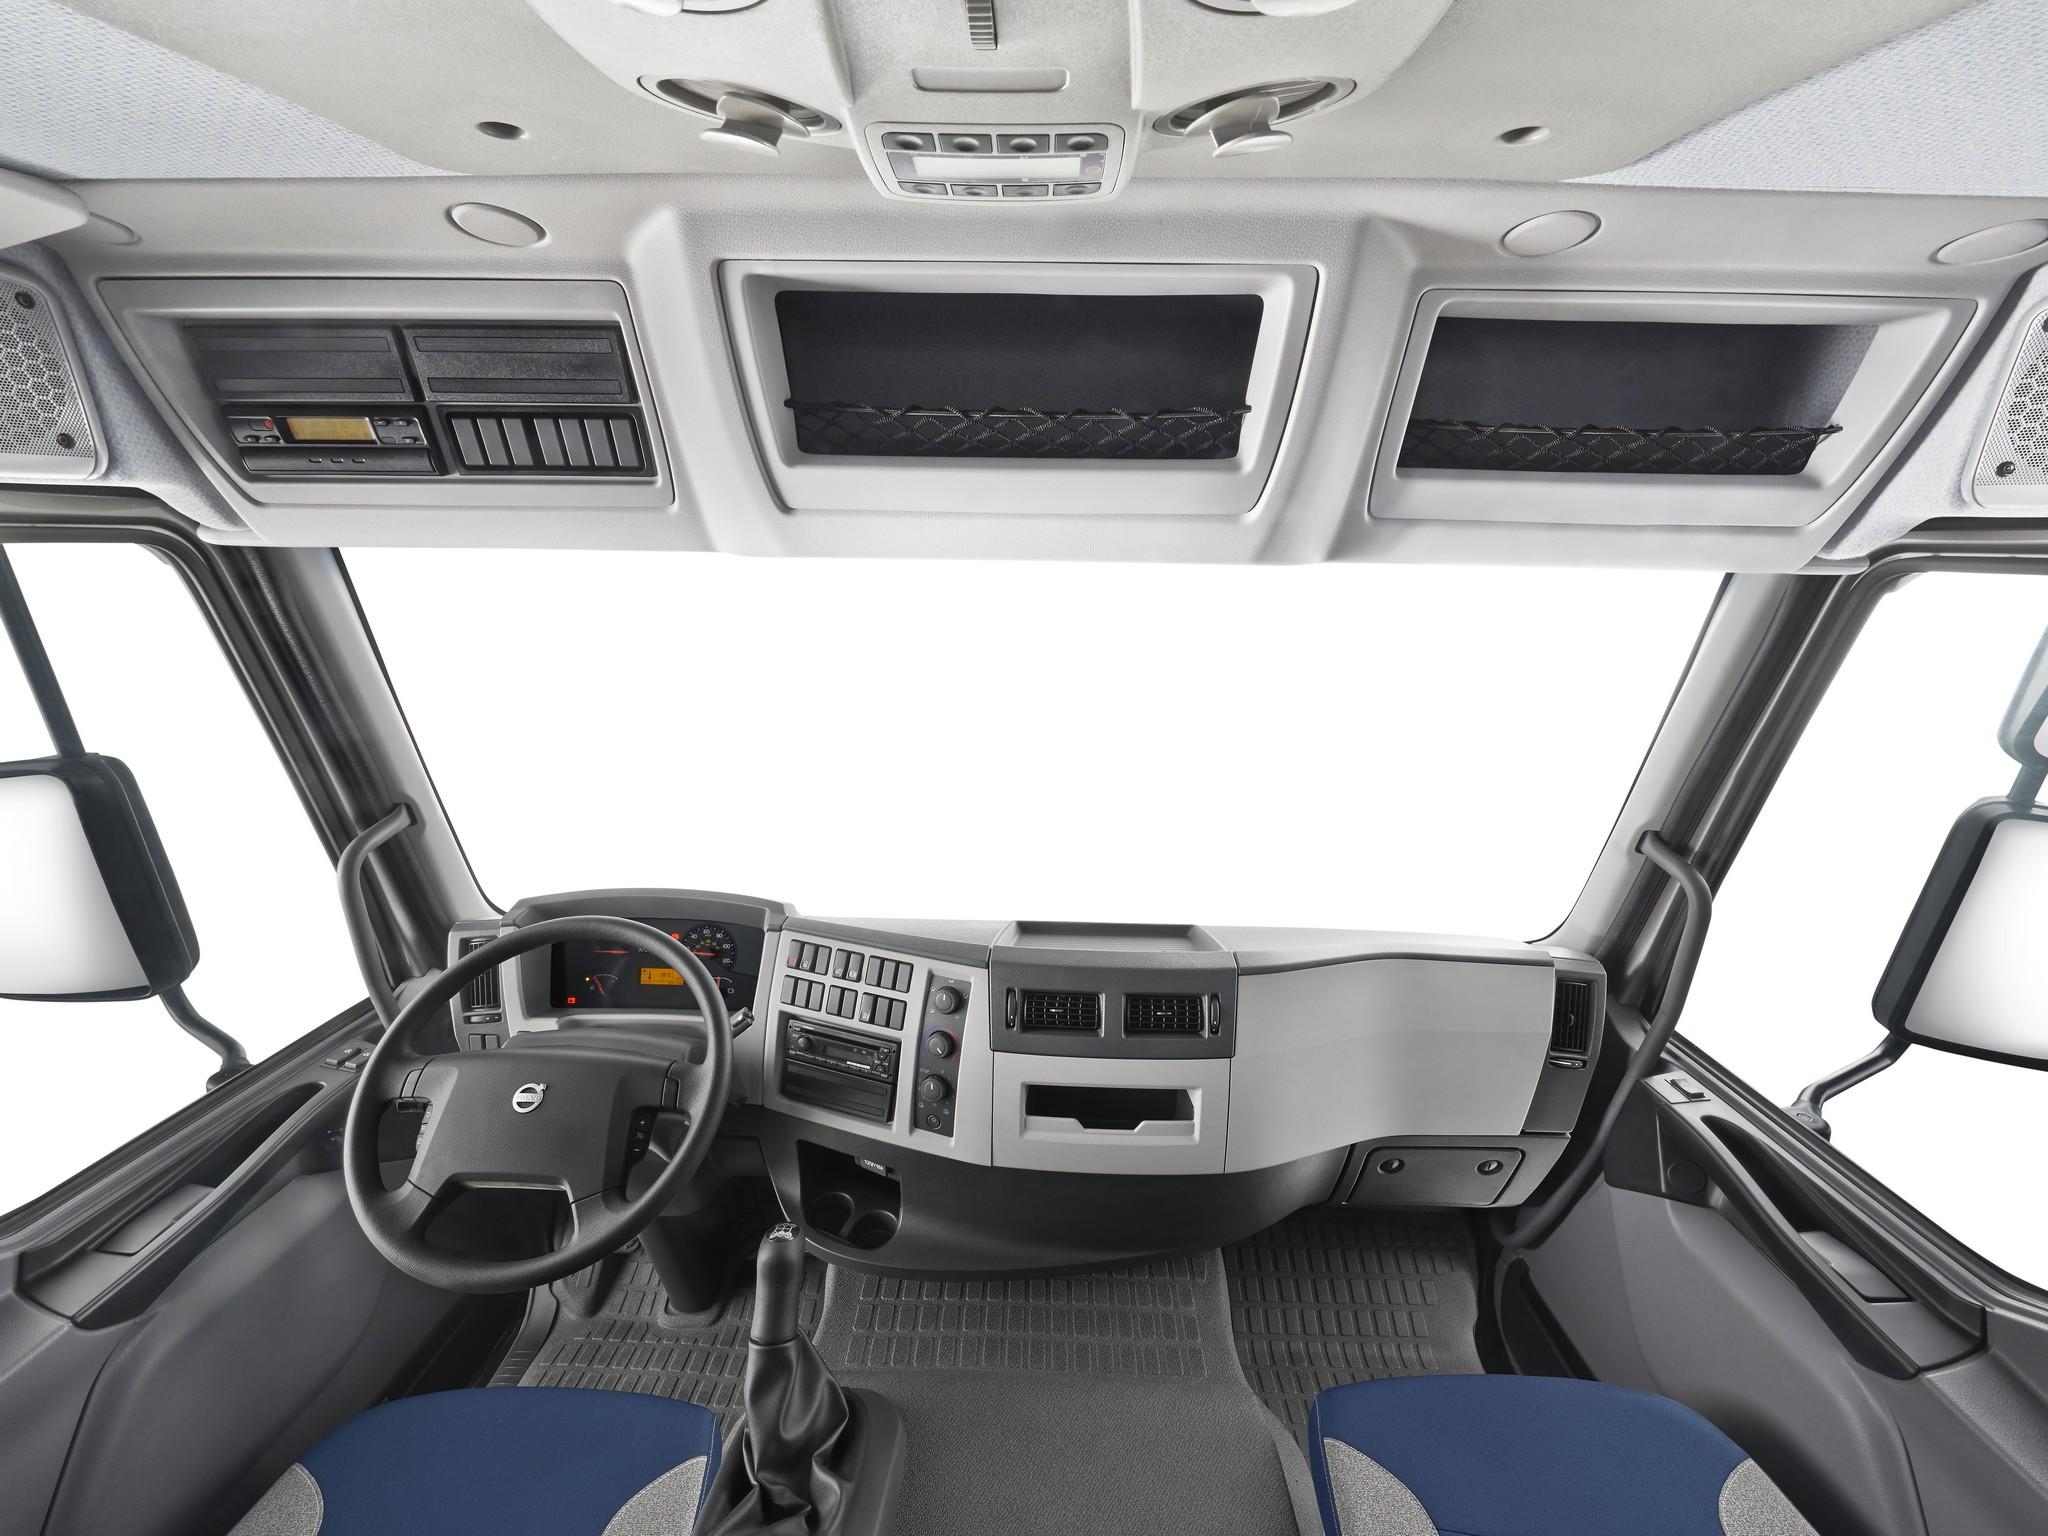 2014 volvo vm 330 4x2 tractor semi v m interior h wallpaper 2048x1536 162315 wallpaperup for Volvo semi truck interior accessories